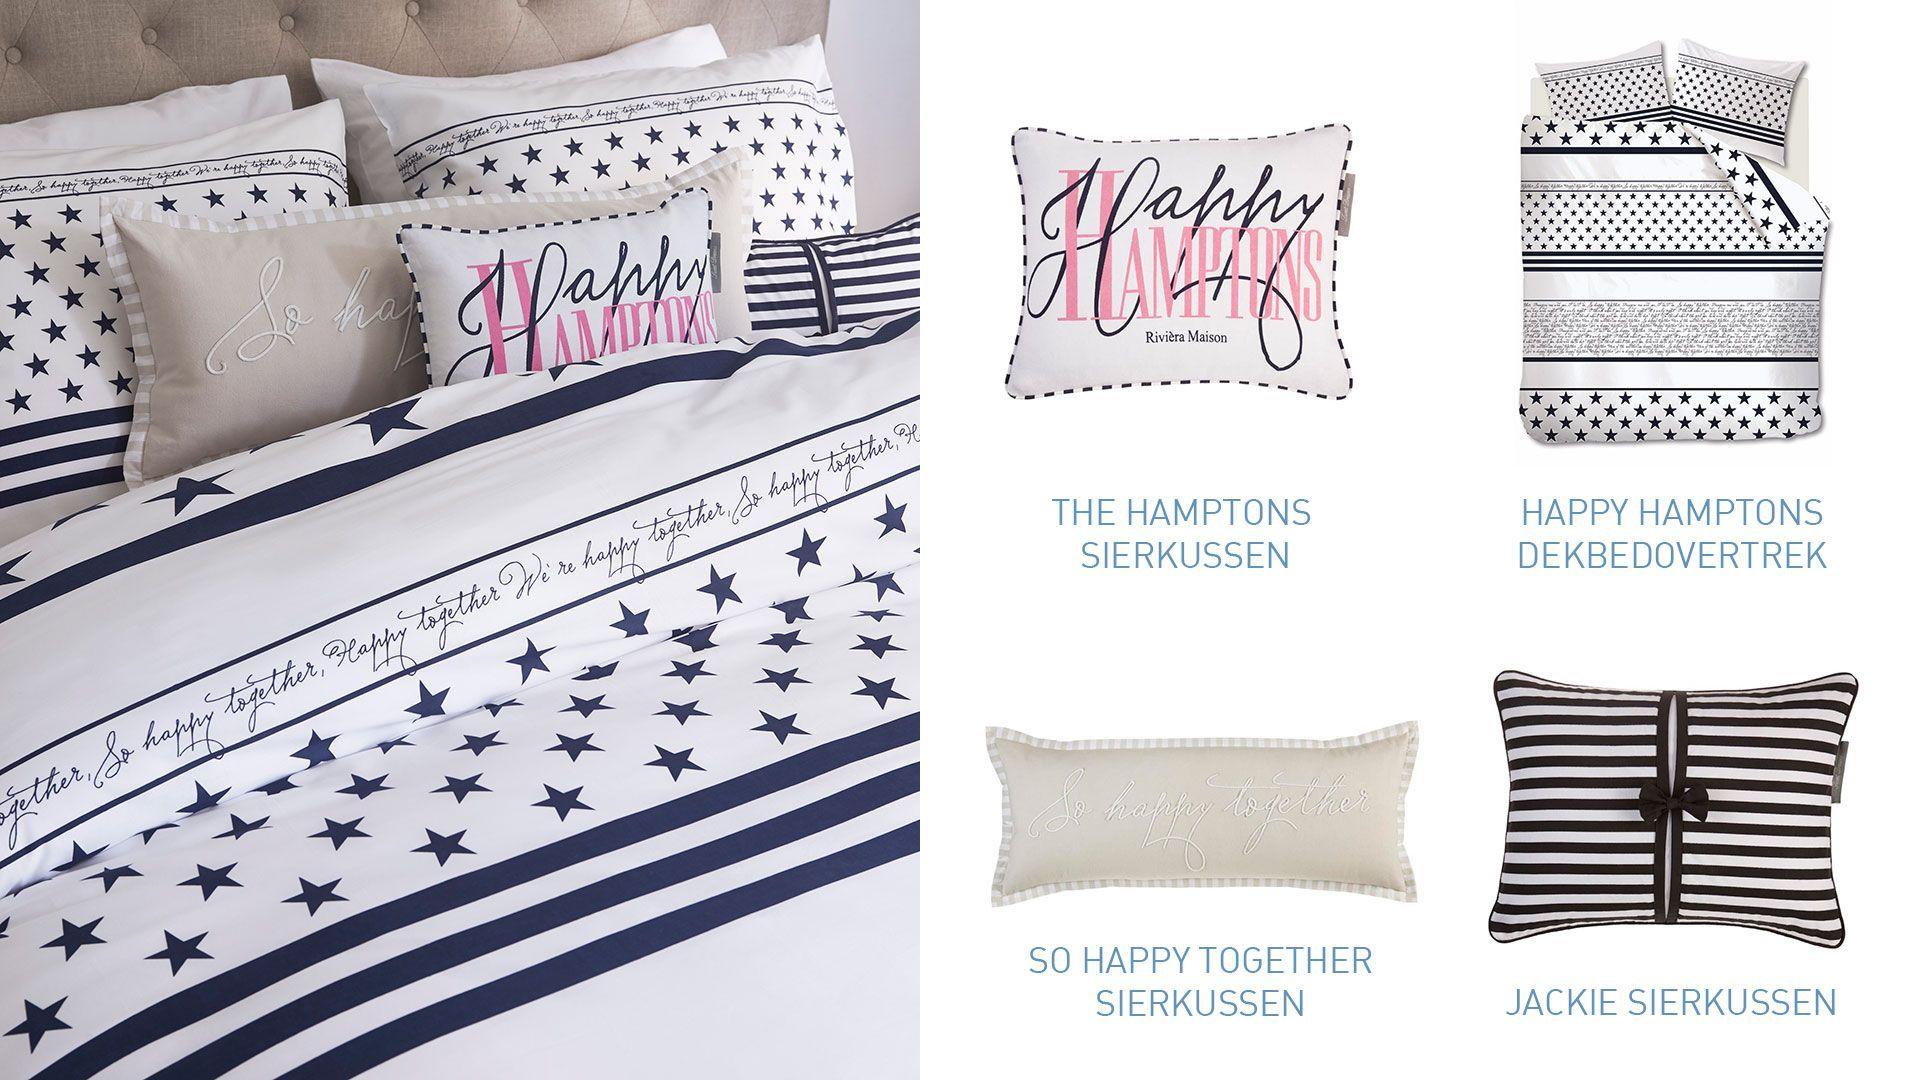 GetTheLook-Hamptons